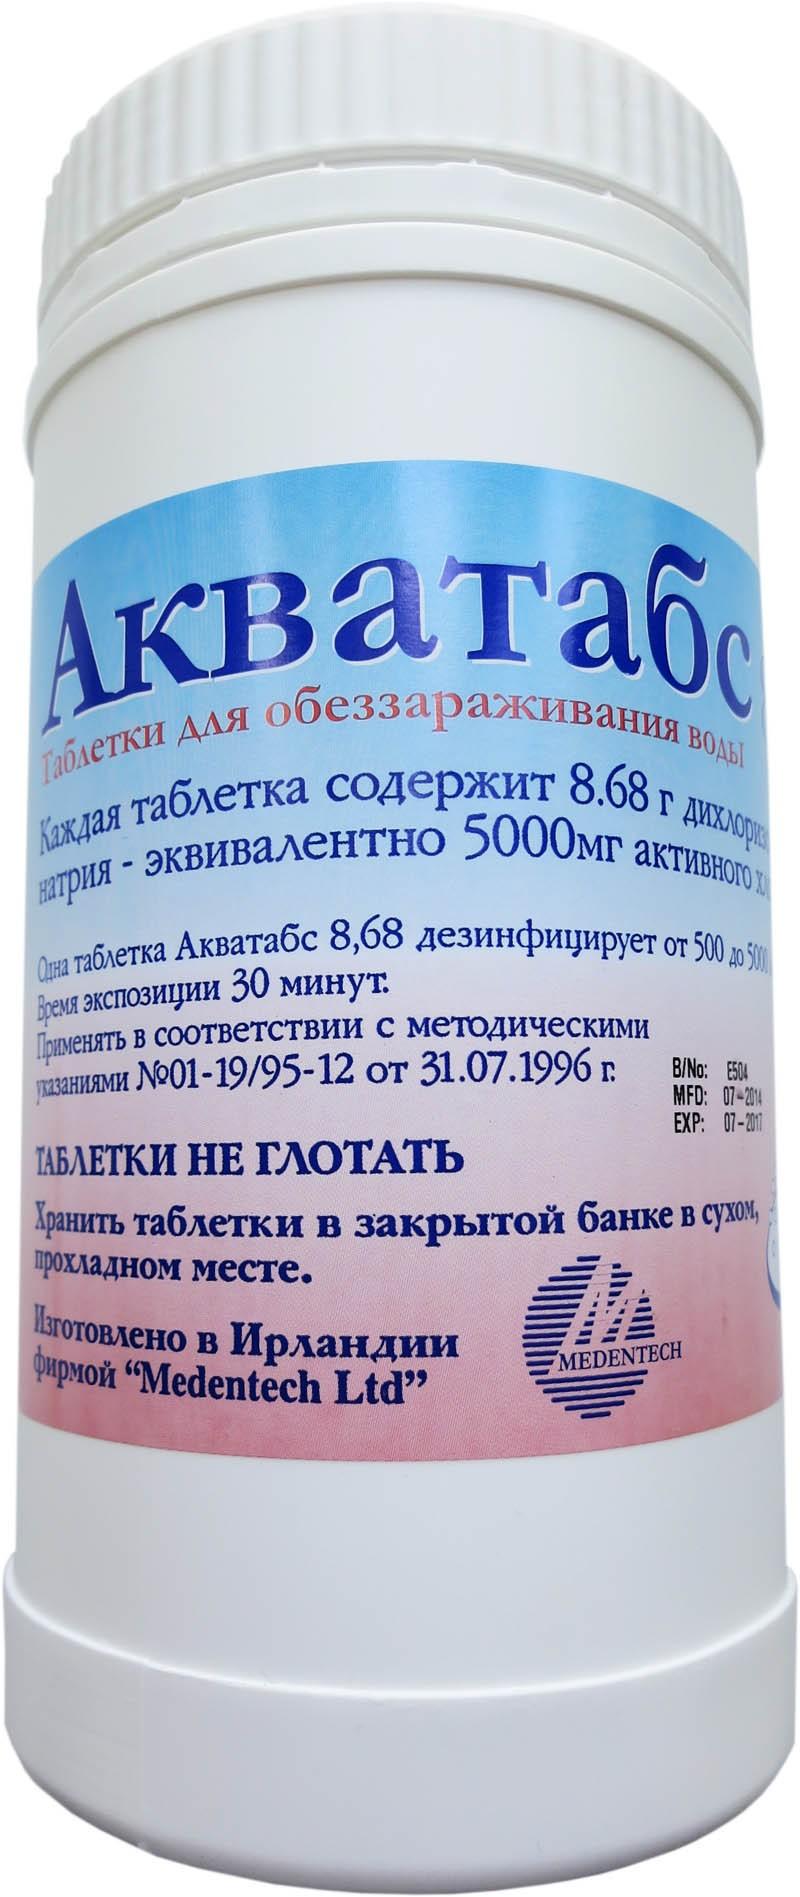 АКВАТАБС - 8,68